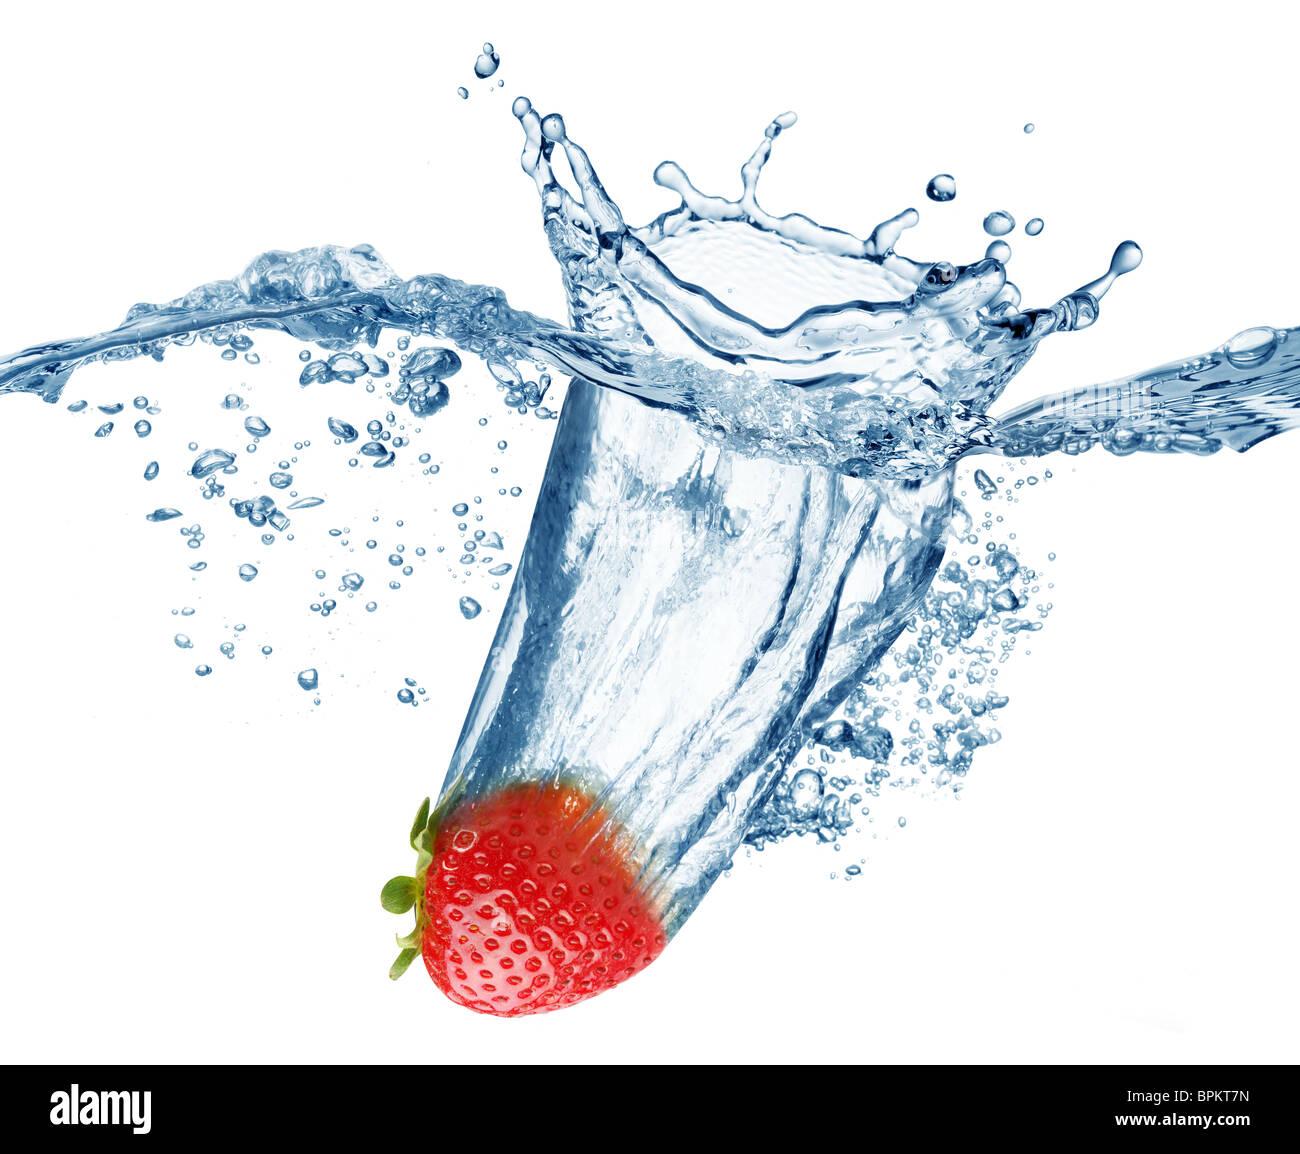 Strawberry tombe profondément sous l'eau avec un grand bruit. Photo Stock